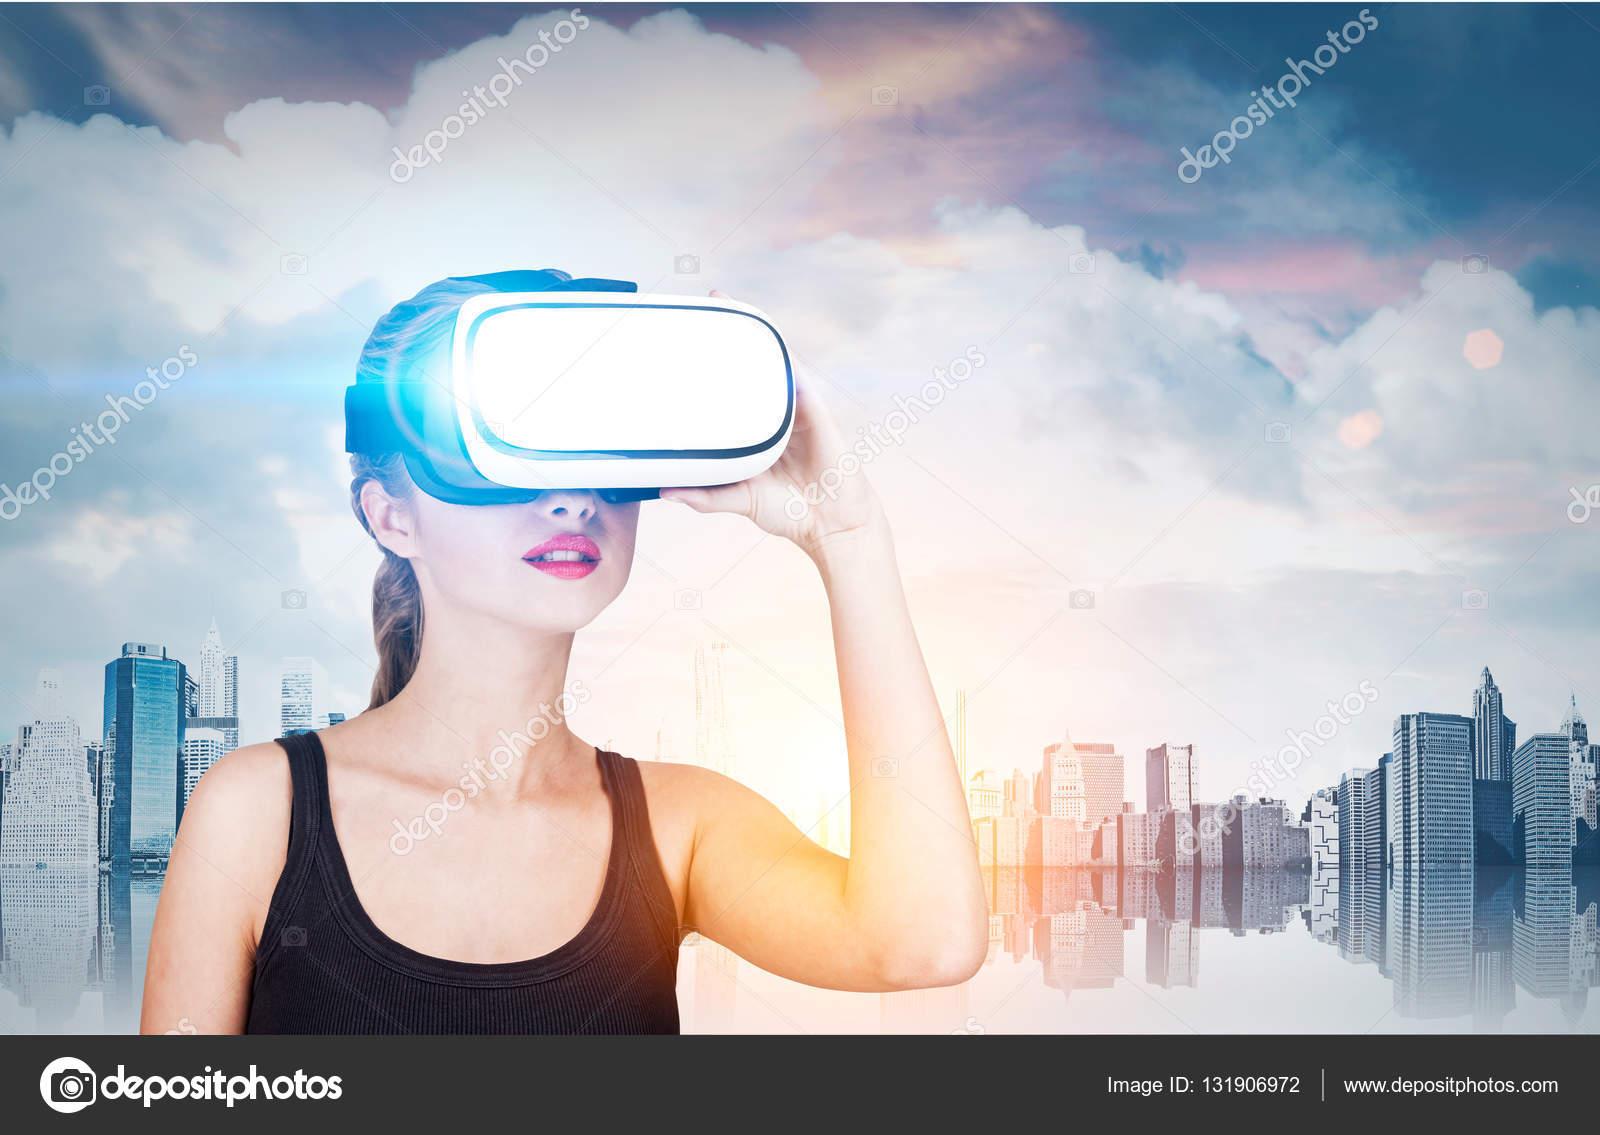 cee4be27c0e1c6 Fille à lunettes de réalité virtuelle est debout contre un panorama de la  grande ville et de sa réflexion. Image tonique — Image de denisismagilov